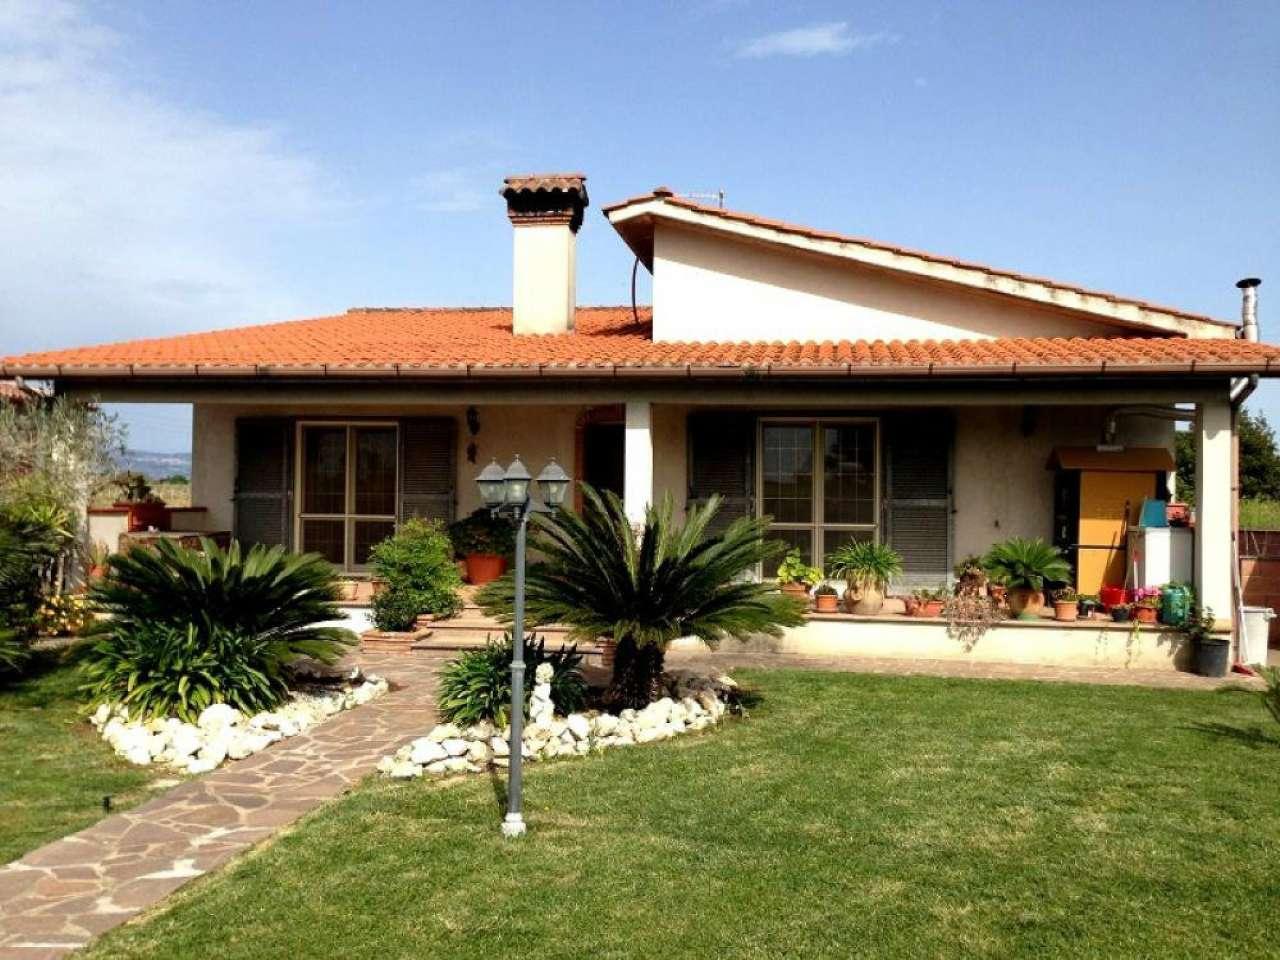 Villa in vendita a Pomezia, 5 locali, prezzo € 270.000 | CambioCasa.it